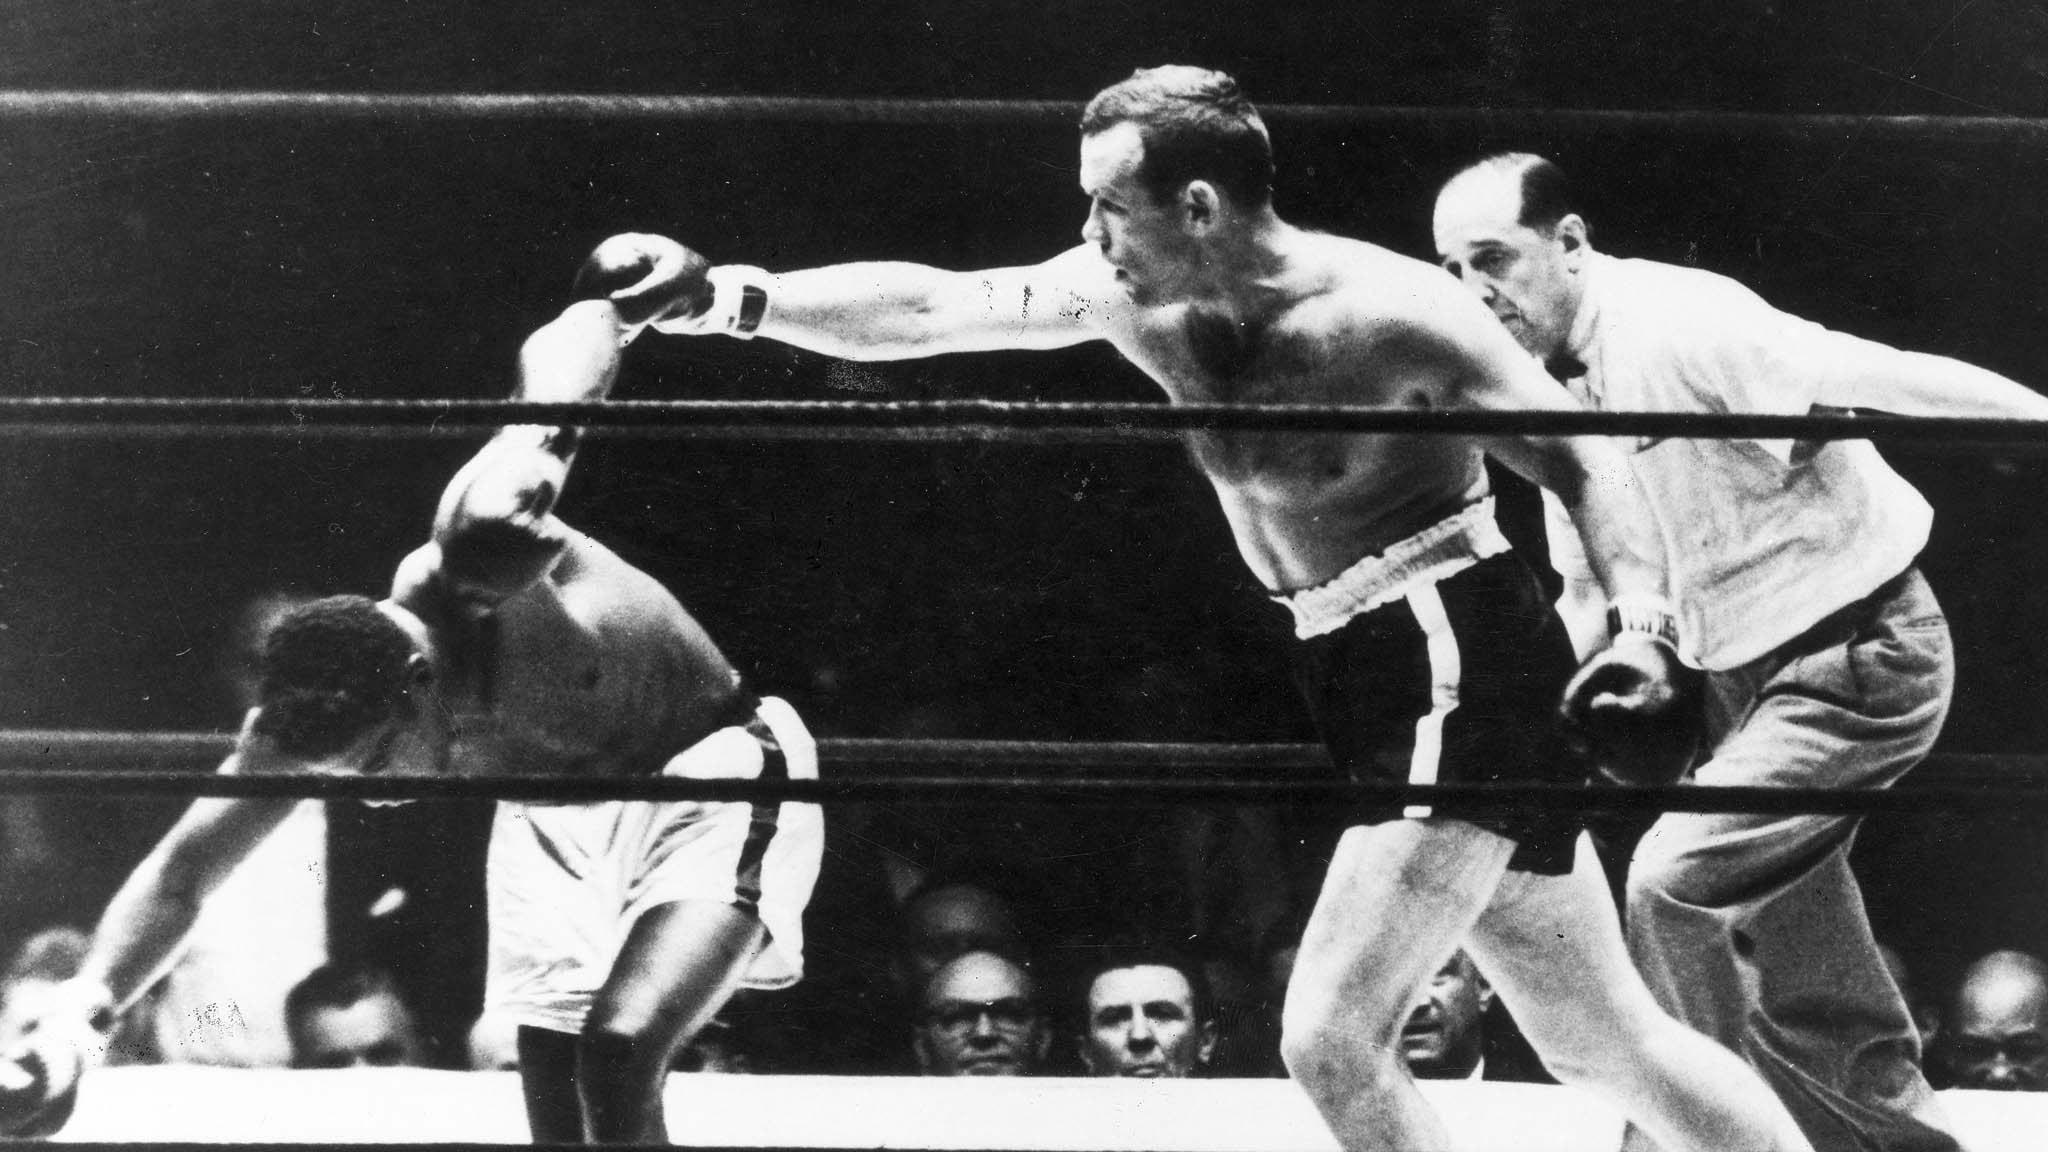 Ingemar Johansson blir världsmästare i tungviktsboxning 1959 i matchen mot Floyd Patterson.  Vann på knockout i tredje ronden. Foto: TT/UPI.